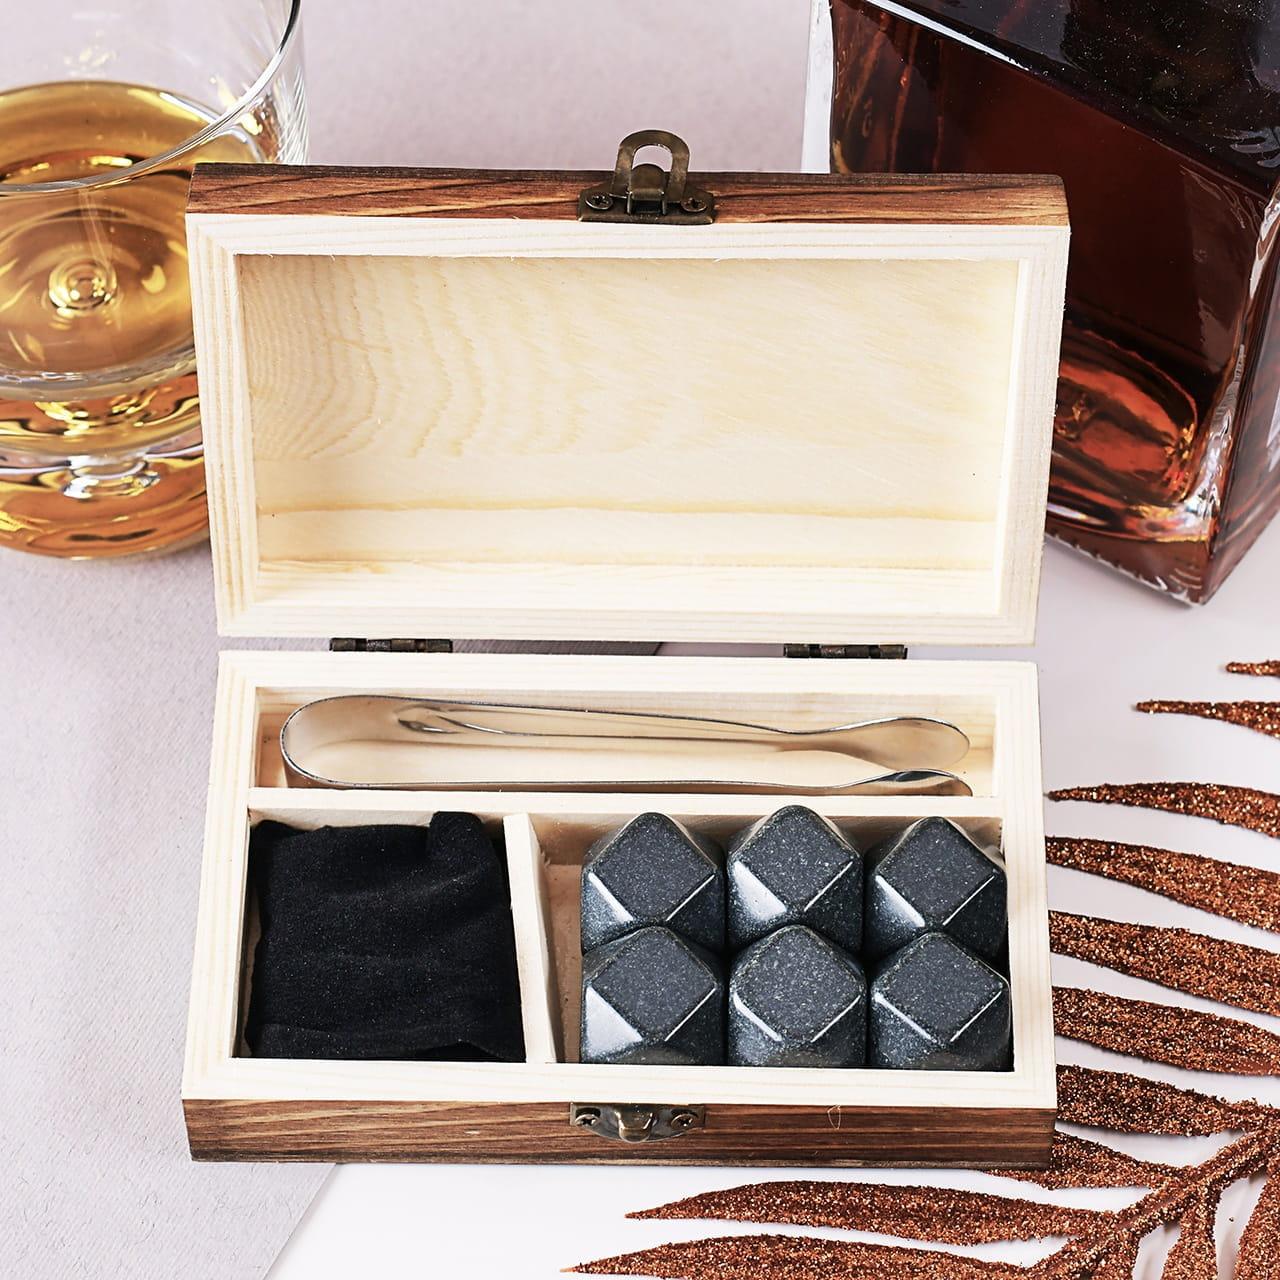 Kamienie do whisky, czyli elegancki prezent dla chłopaka do 100zł